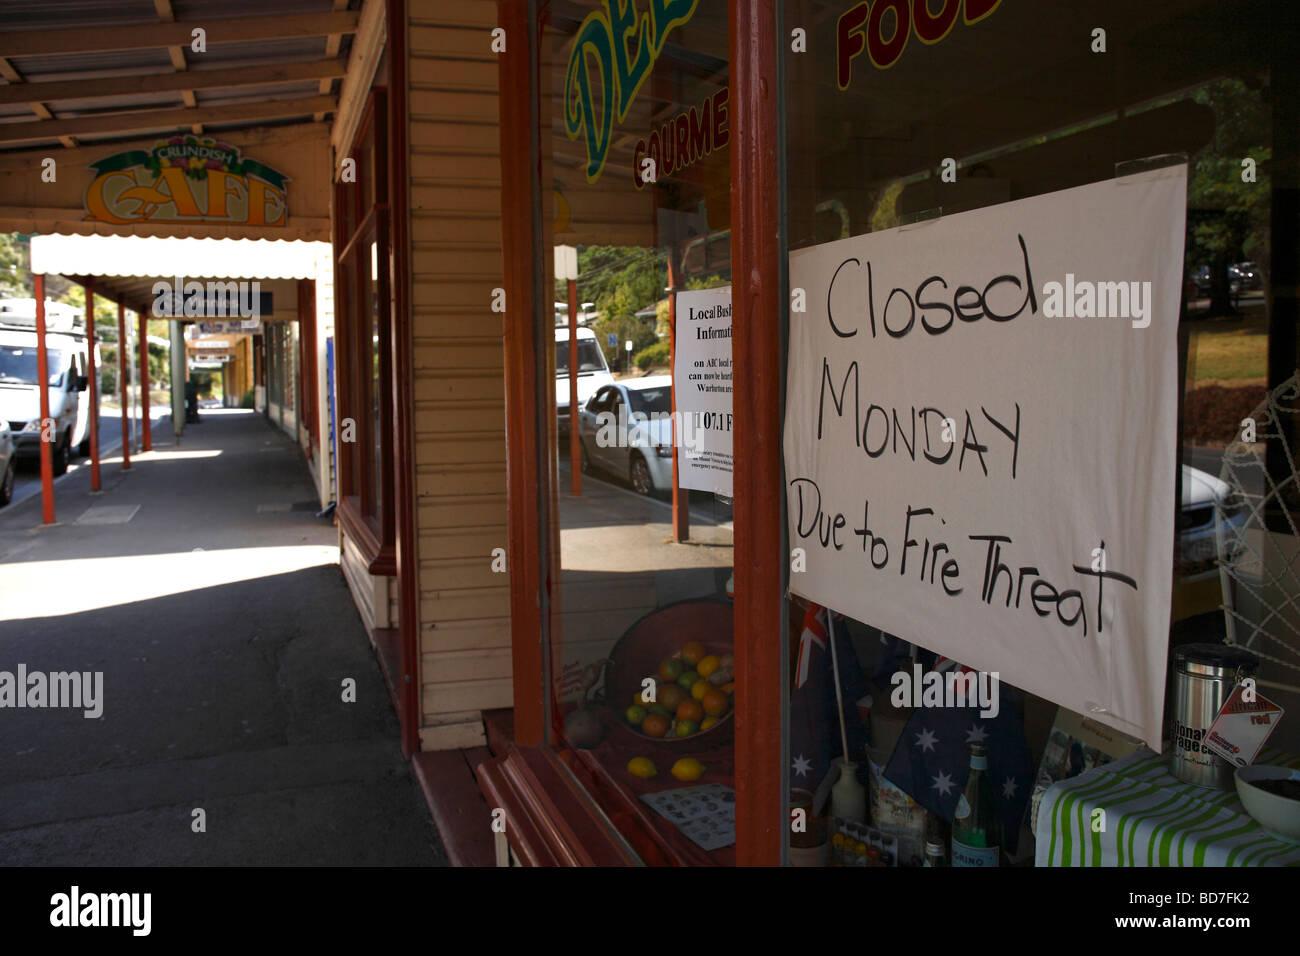 Aviso de amenaza de incendio escritos a mano sobre cristal escaparate Warburton Victoria Australia Imagen De Stock